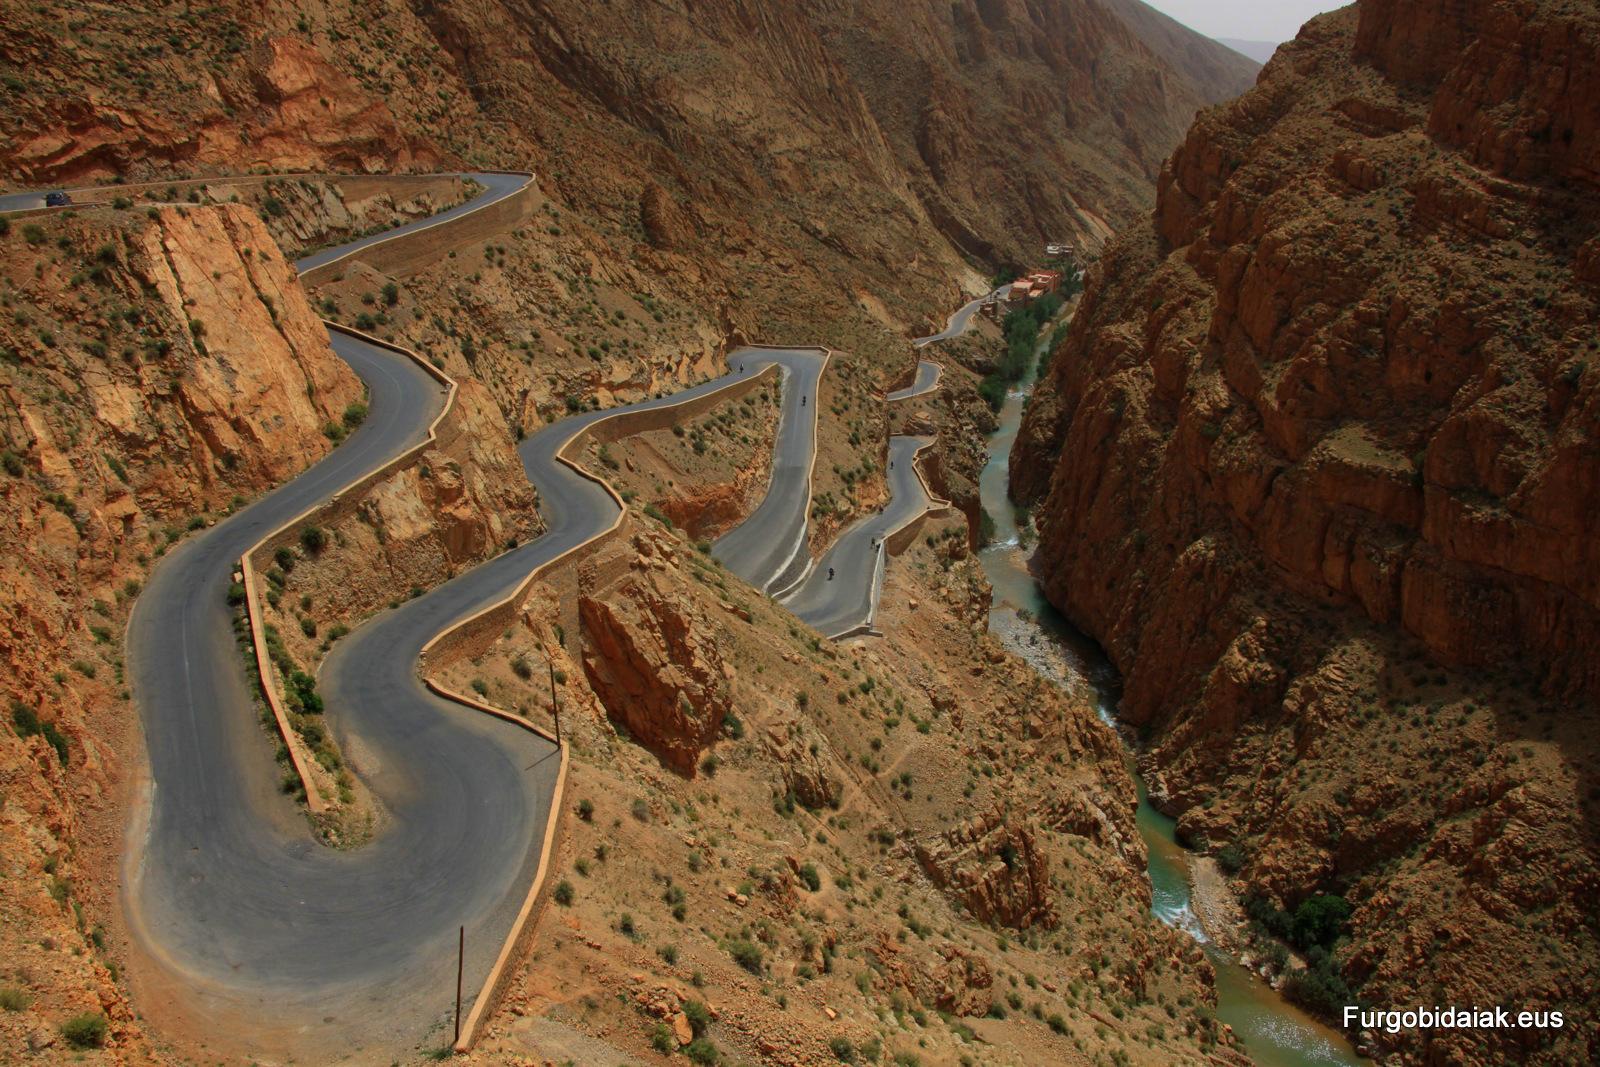 Carretera Tizi n'Tichka Marruecos en furgoneta camper